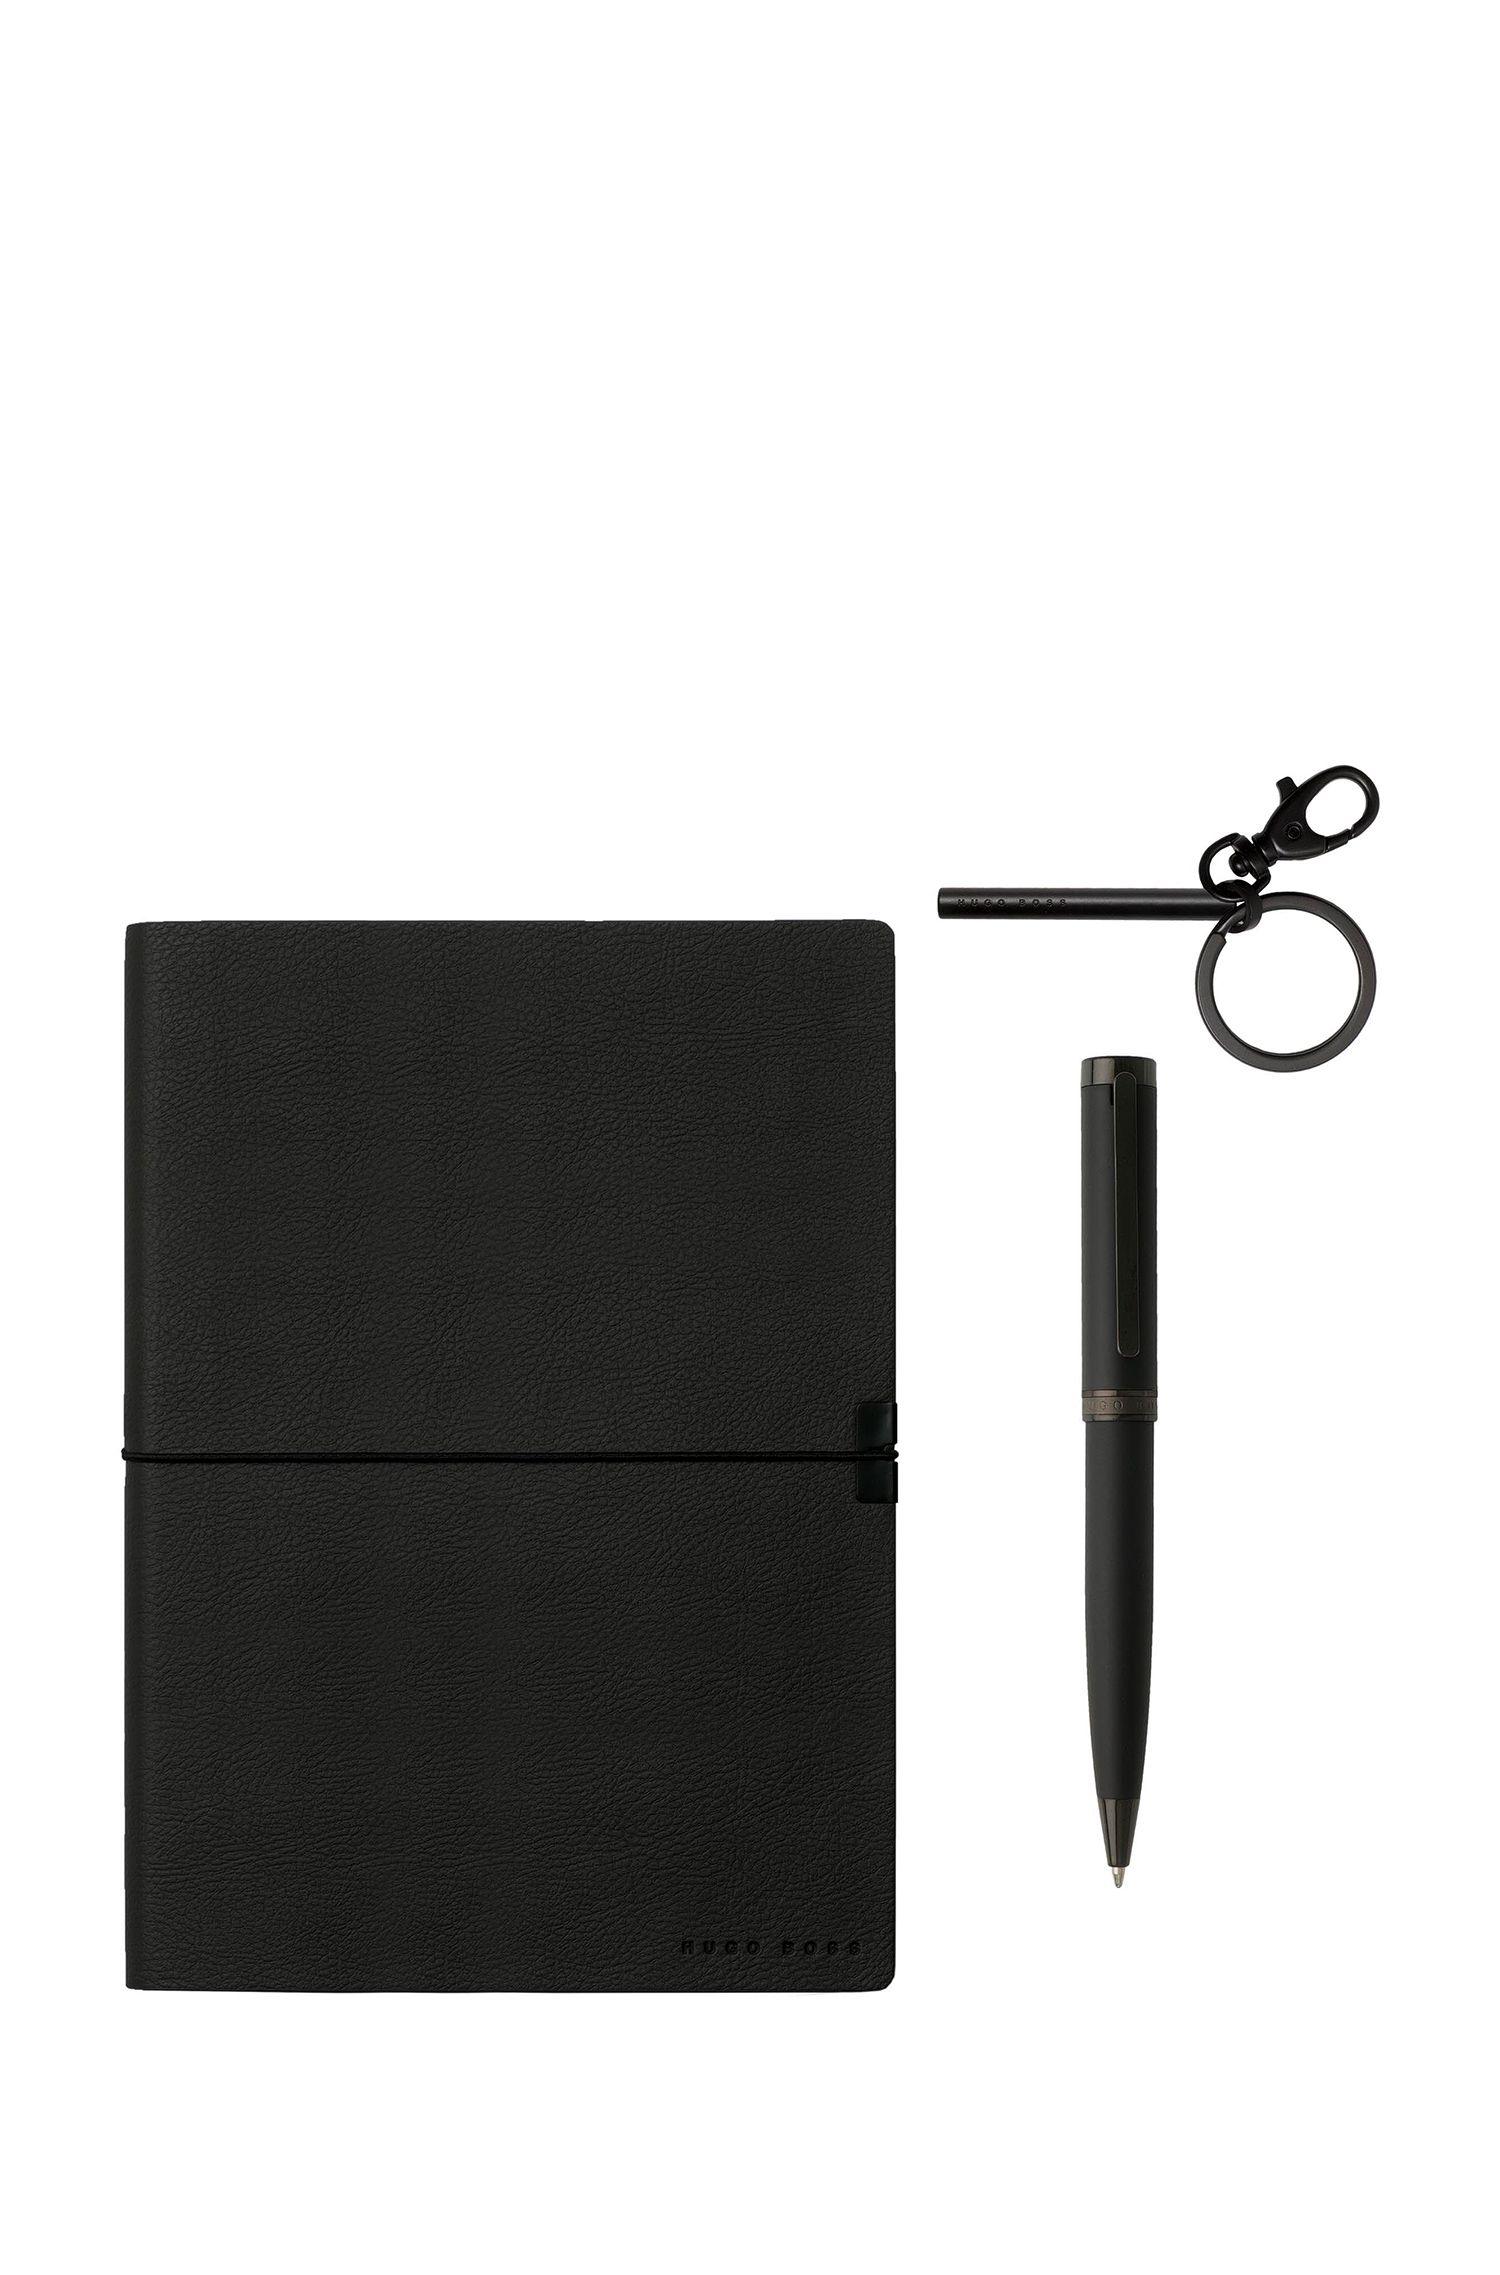 Set mit Schlüsselanhänger, Kugelschreiber und Notizbuch